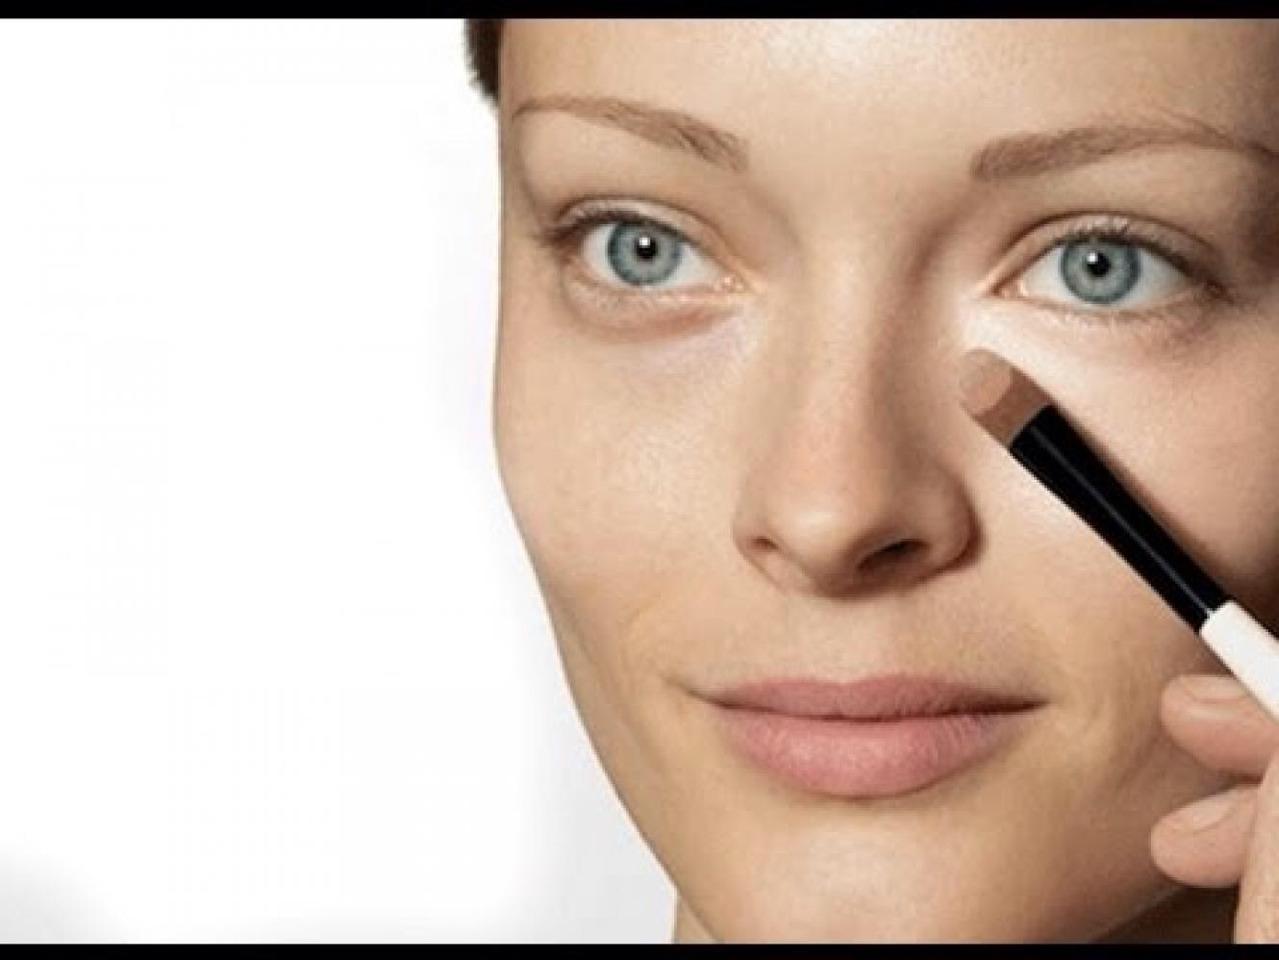 Замаскировать морщина макияжем на фото